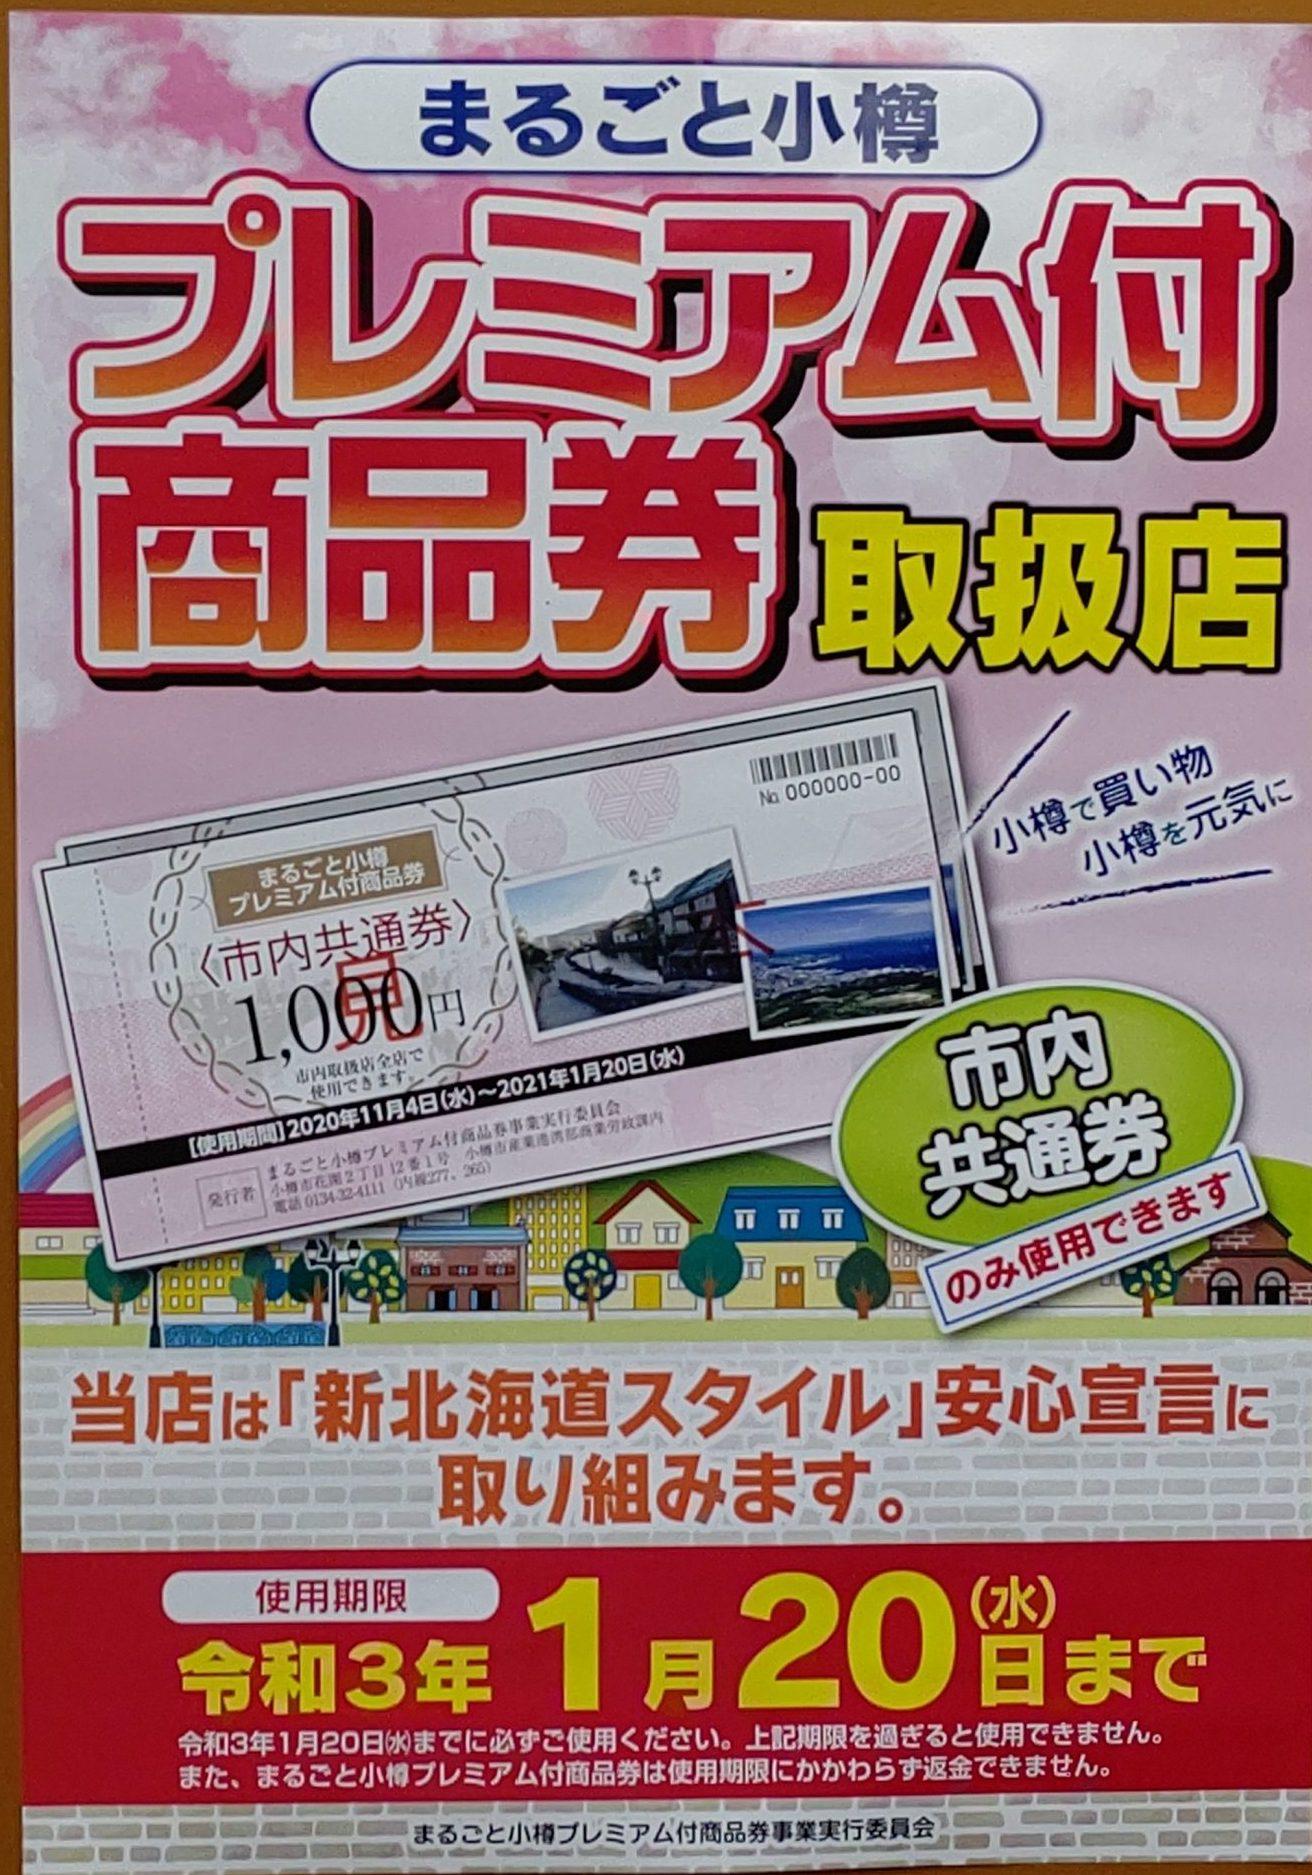 紀伊國屋書店:まるごと小樽プレミアム付商品券、使えます!